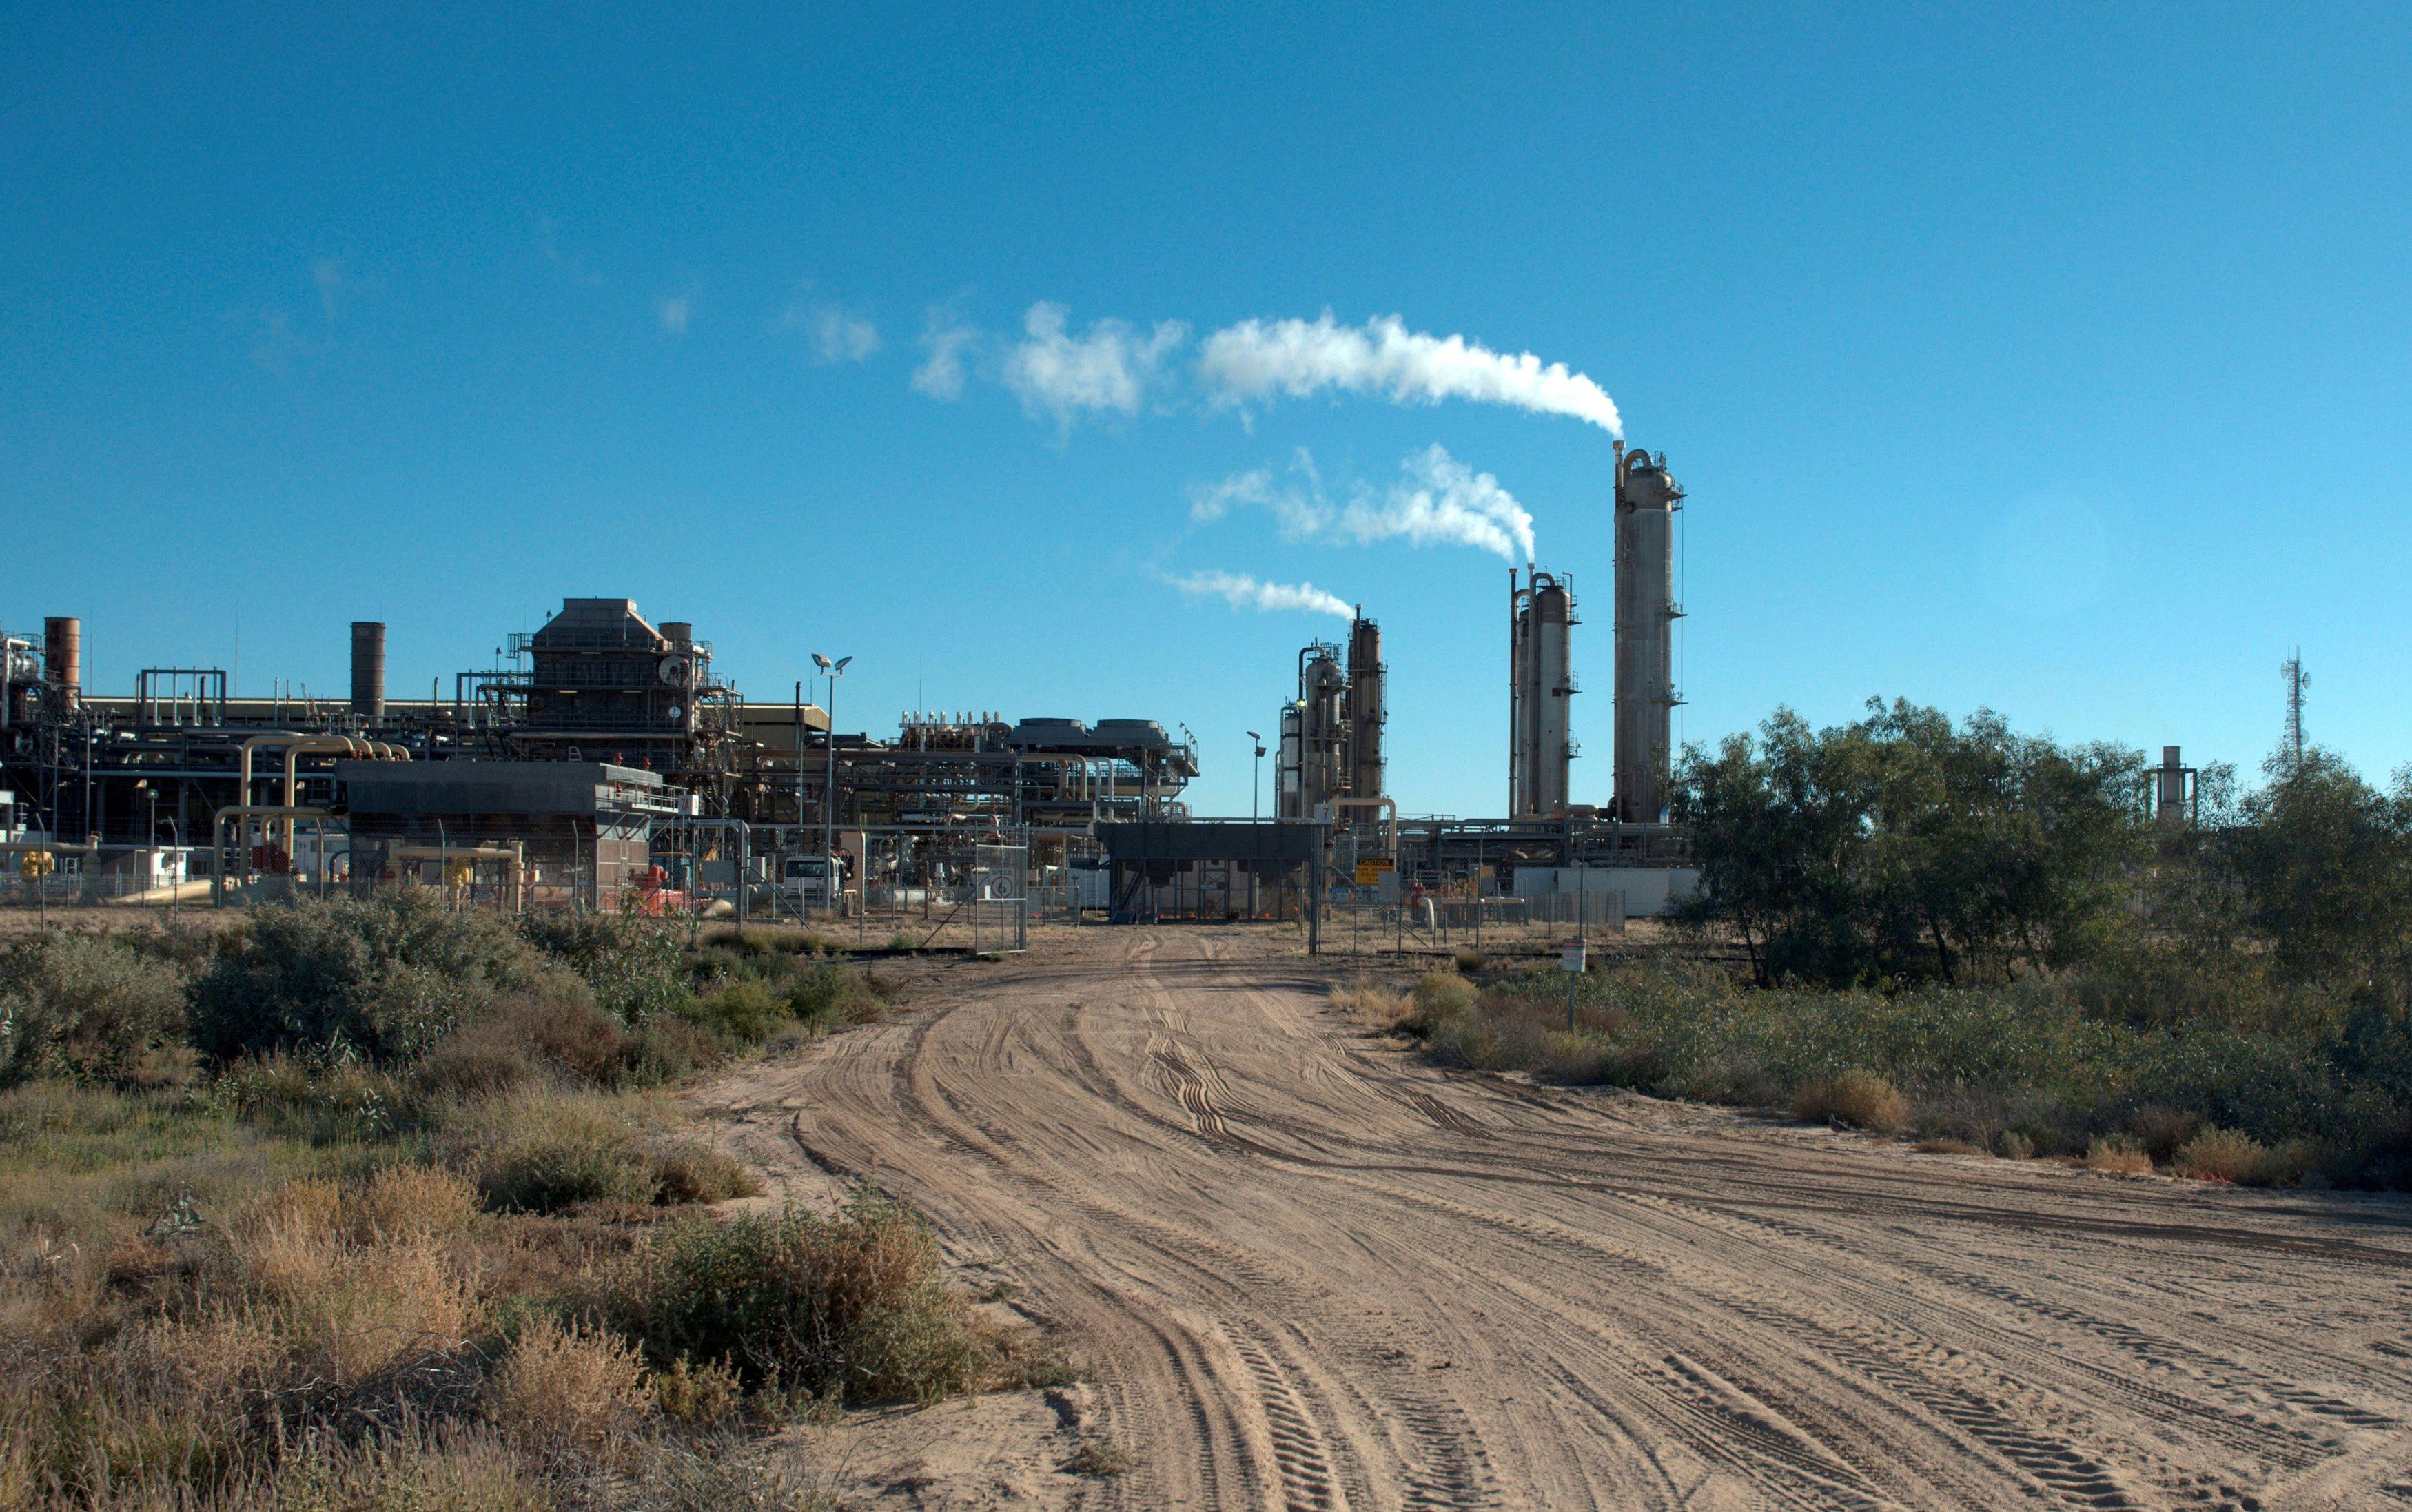 Santos-operated Moomba gas plant is seen outside Moomba, South Australia May 17, 2012.   REUTERS/Rebekah Kebede